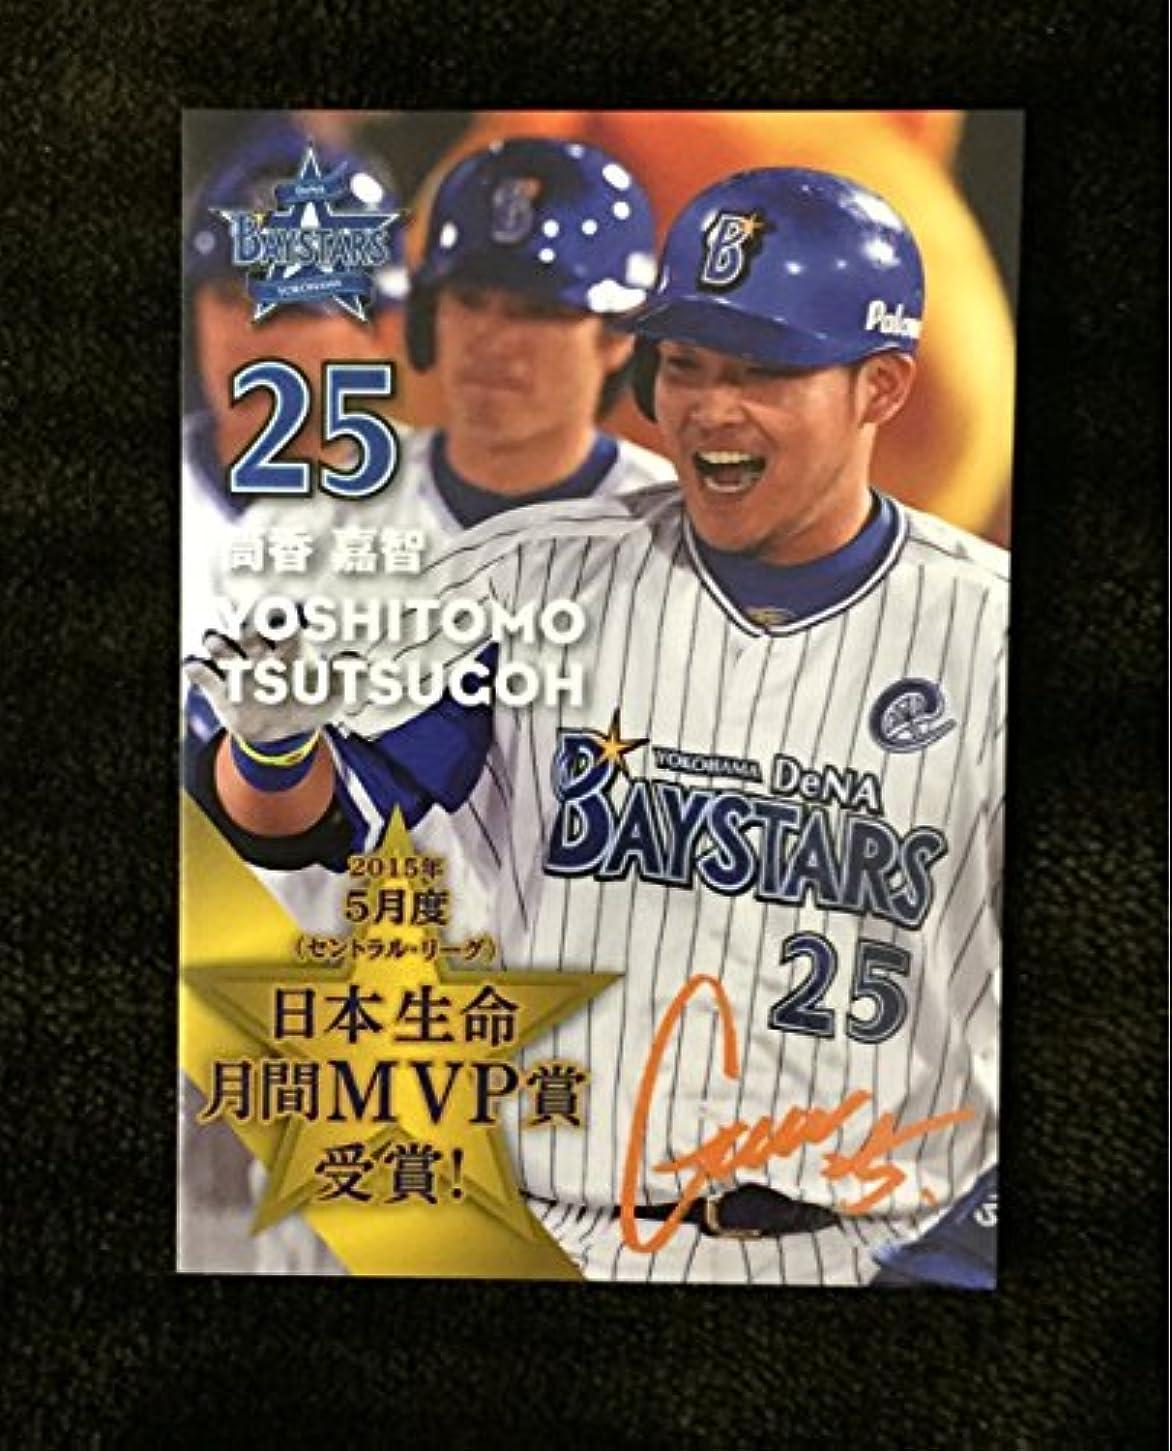 真実倒産ジャンクション横浜ベイスターズ 月間MVPカード #25筒香嘉智